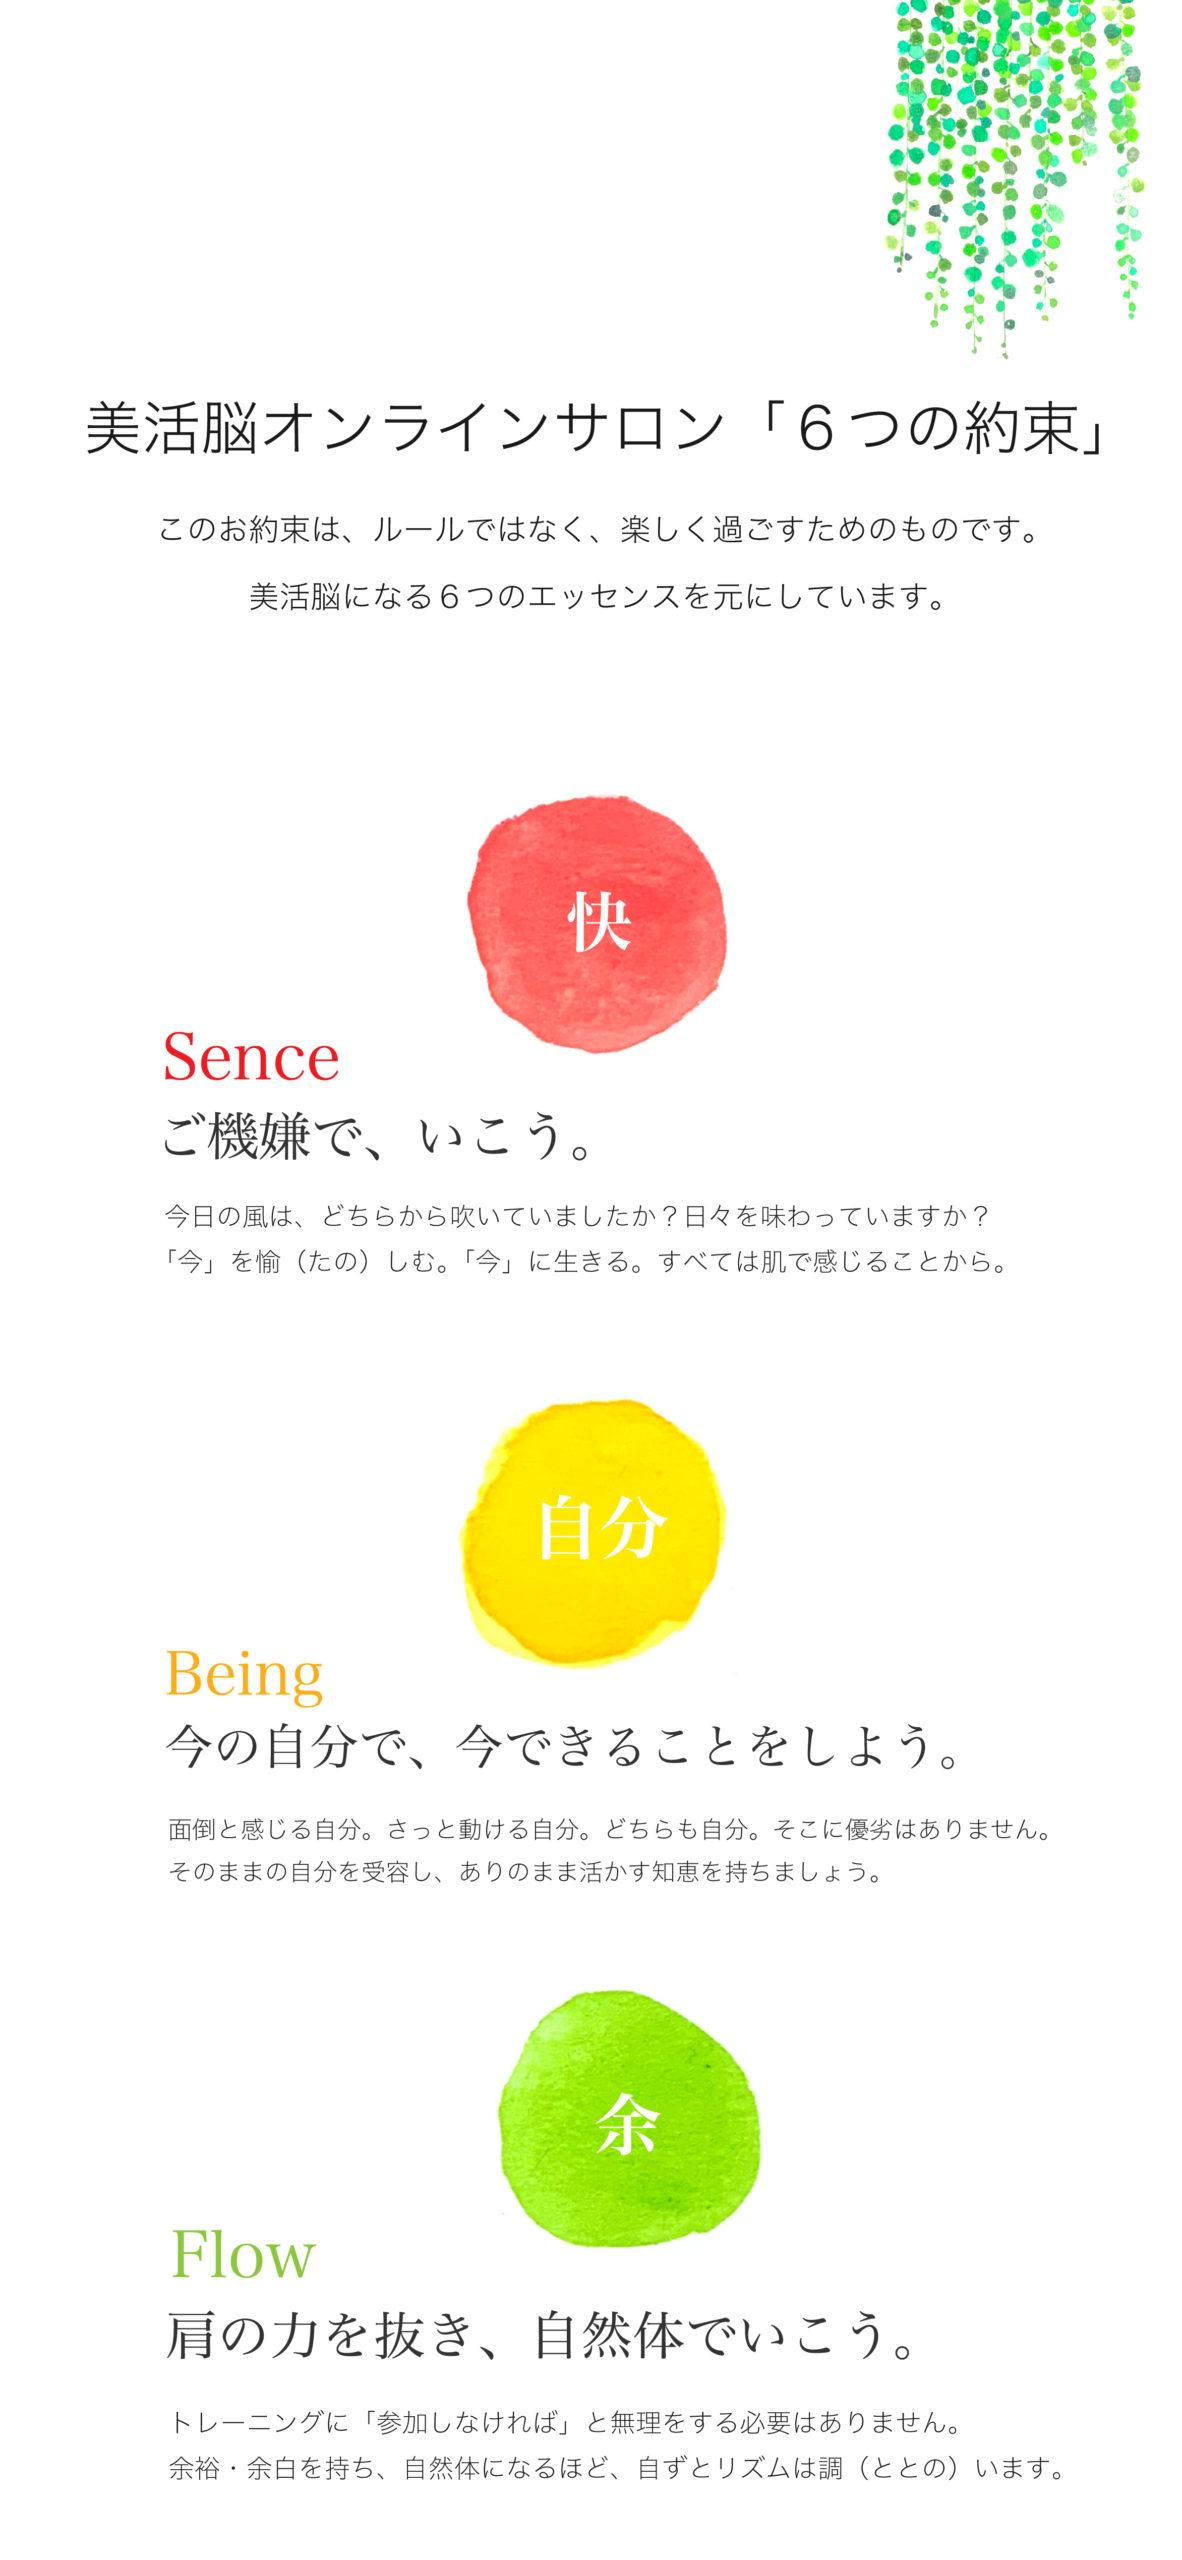 スマホ用ページ:美活脳オンラインサロン「6つの約束」快_自分_余